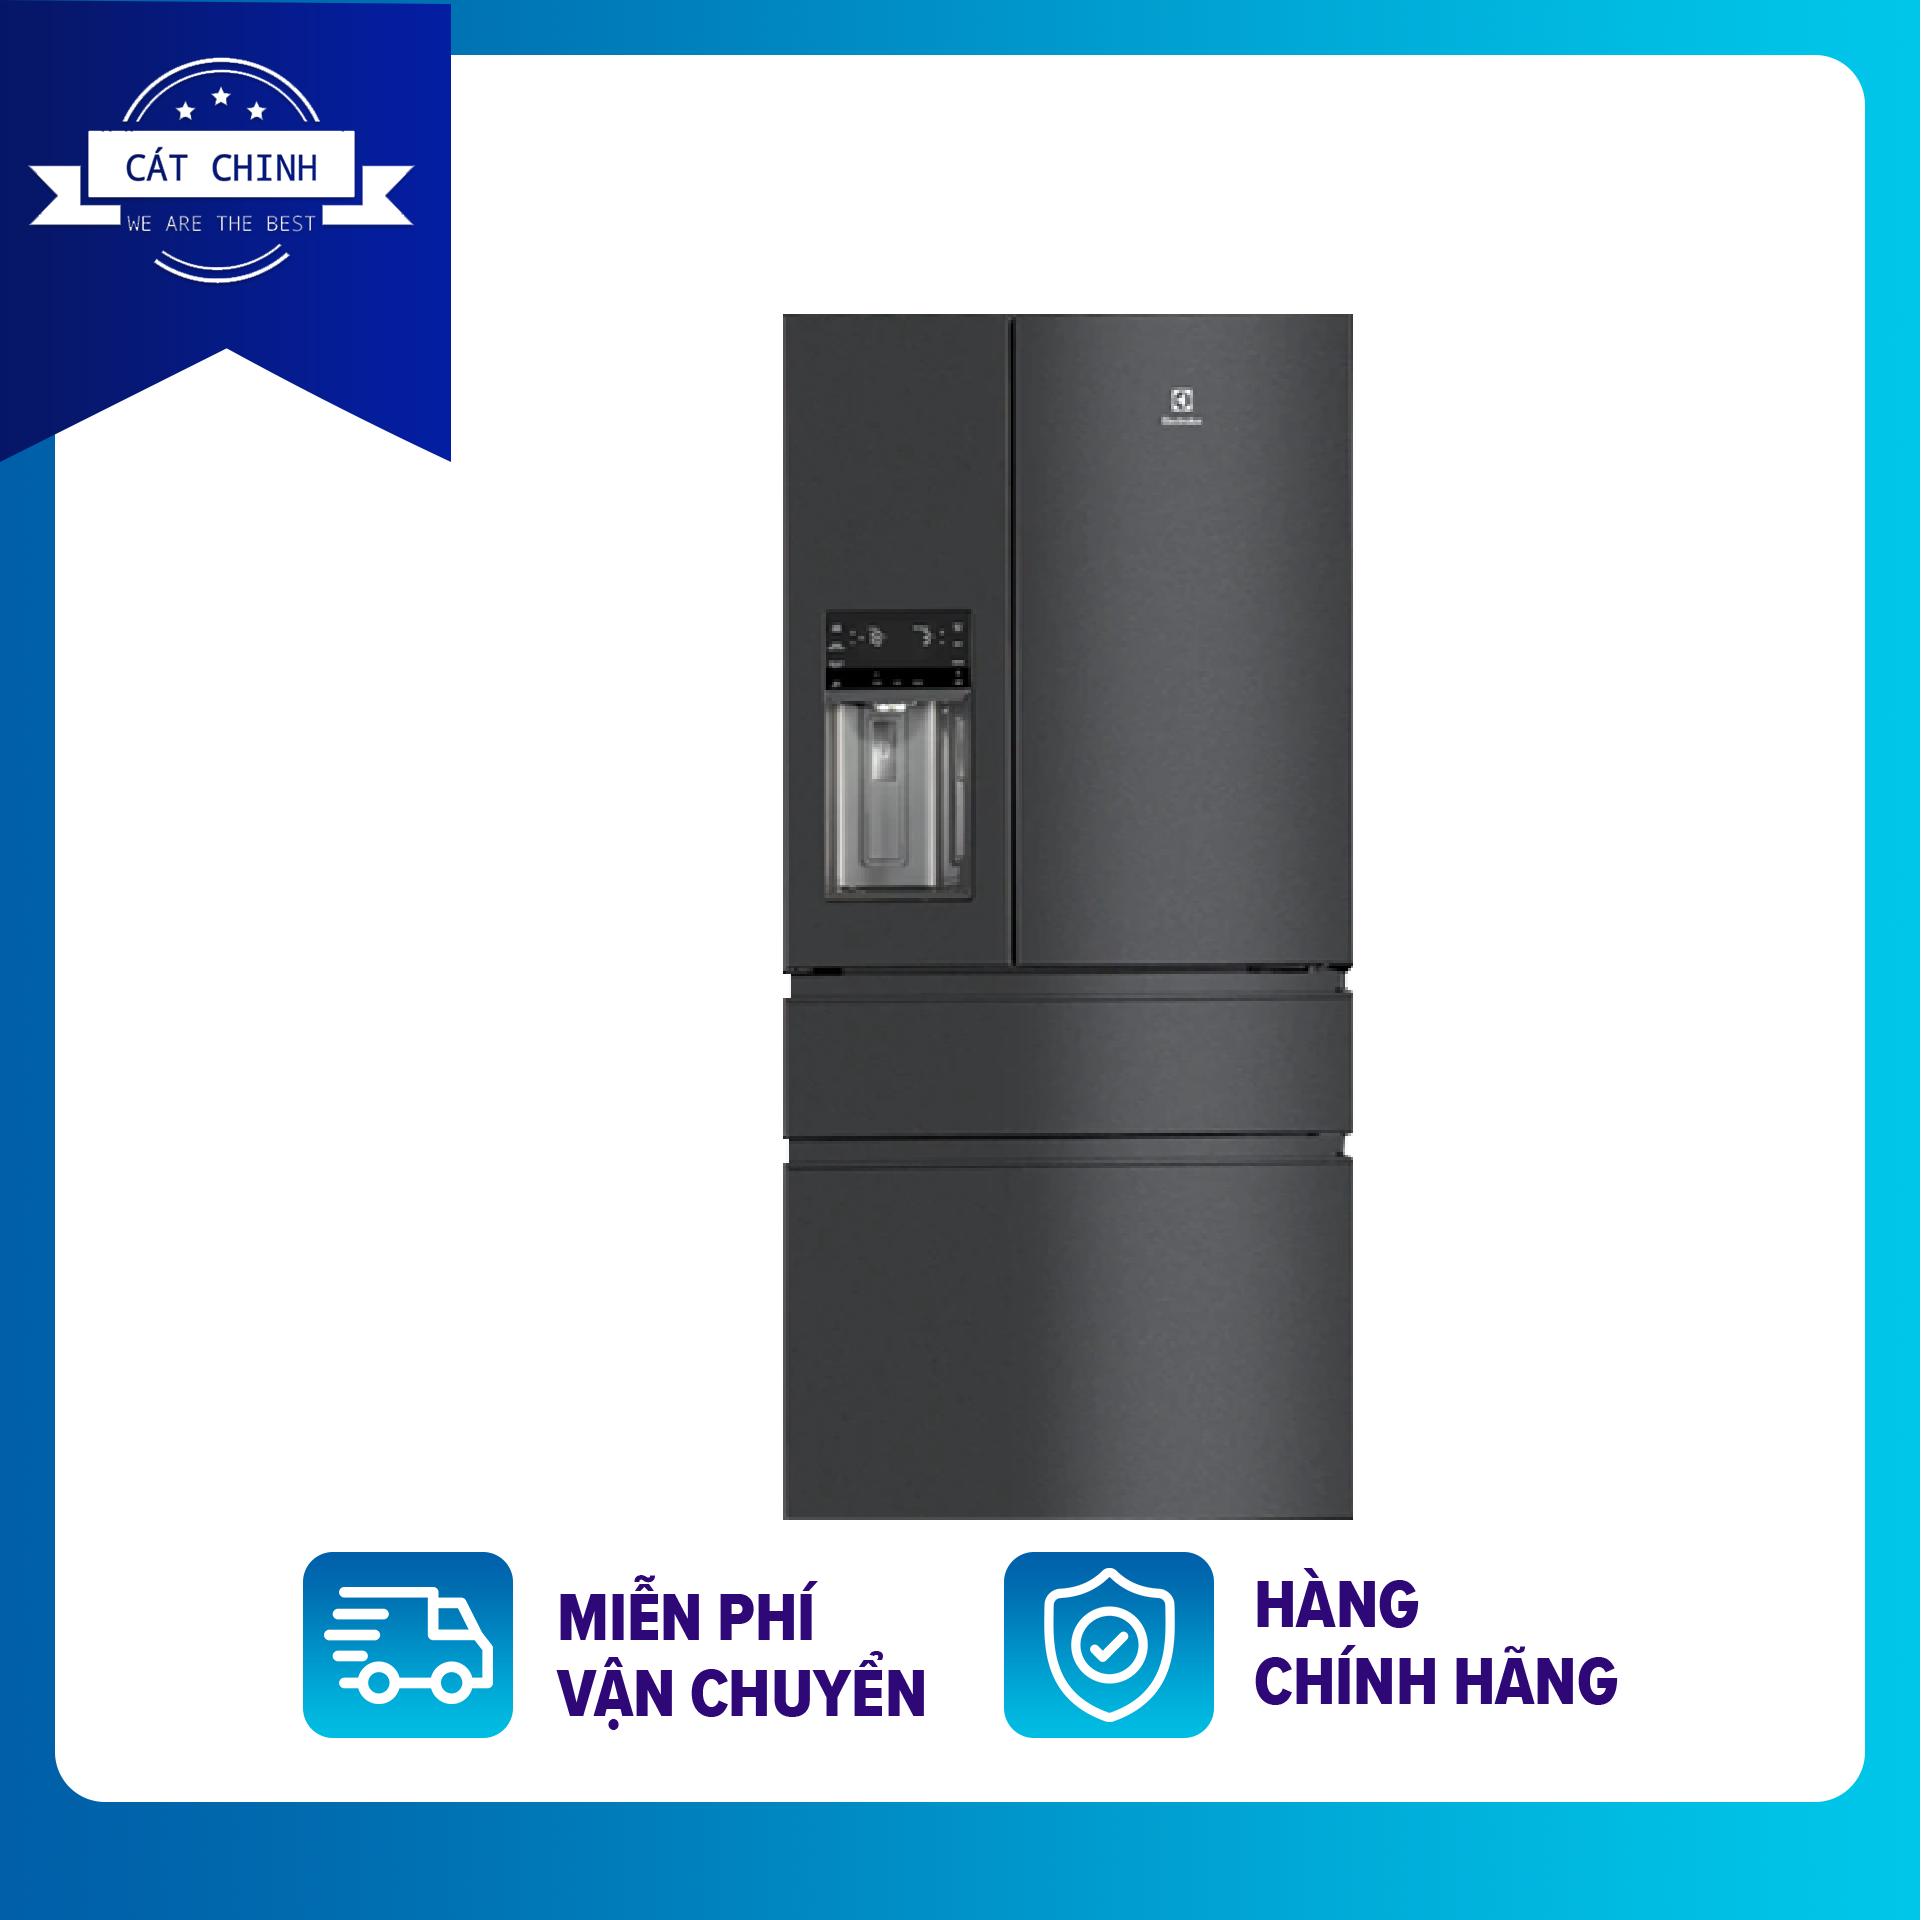 [Trả góp 0%]TỦ LẠNH ELECTROLUX EHE6879A-B-Công nghệ Inverter:Tủ lạnh Inverter-Công suất tiêu thụ:~ 1.03 kW/ngày-Tiện ích:Inverter tiết kiệm điện Ngăn đá lớnChuông báo cửa mởNgăn kệ linh hoạt FlexStor-Bảo hành 2 năm